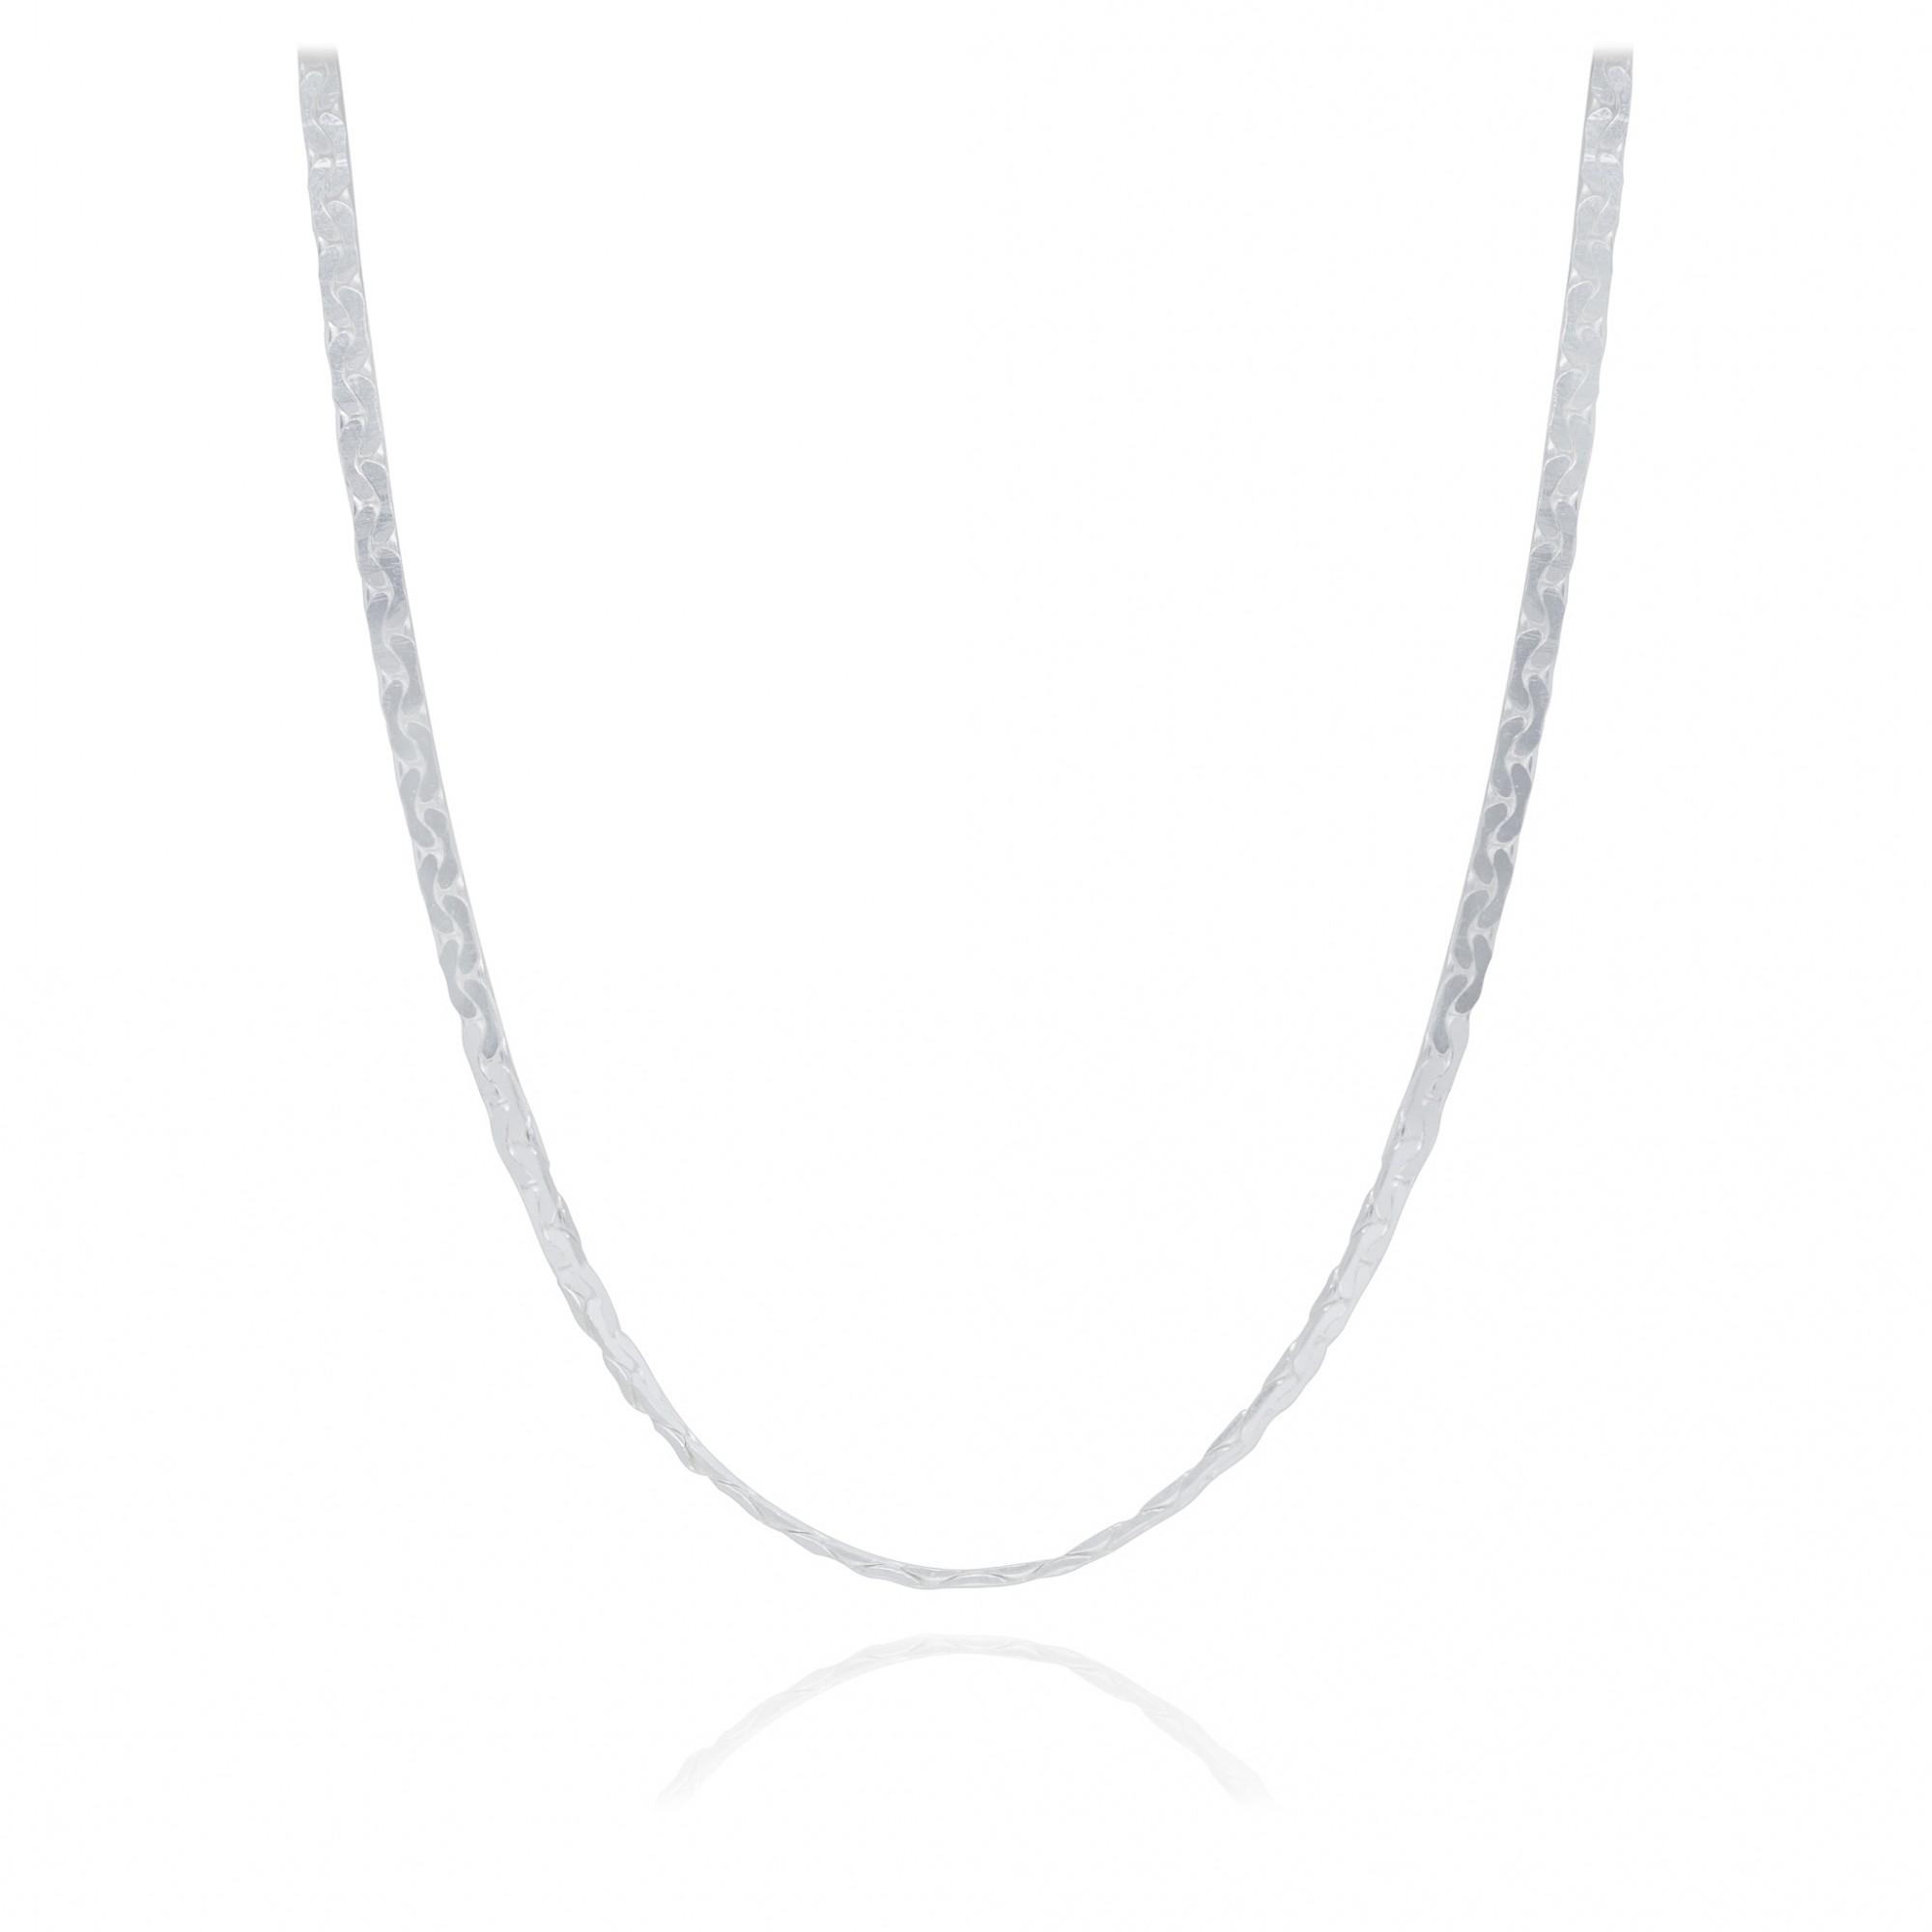 Corrente joia em prata 925 pura modelo laminada e diamantada